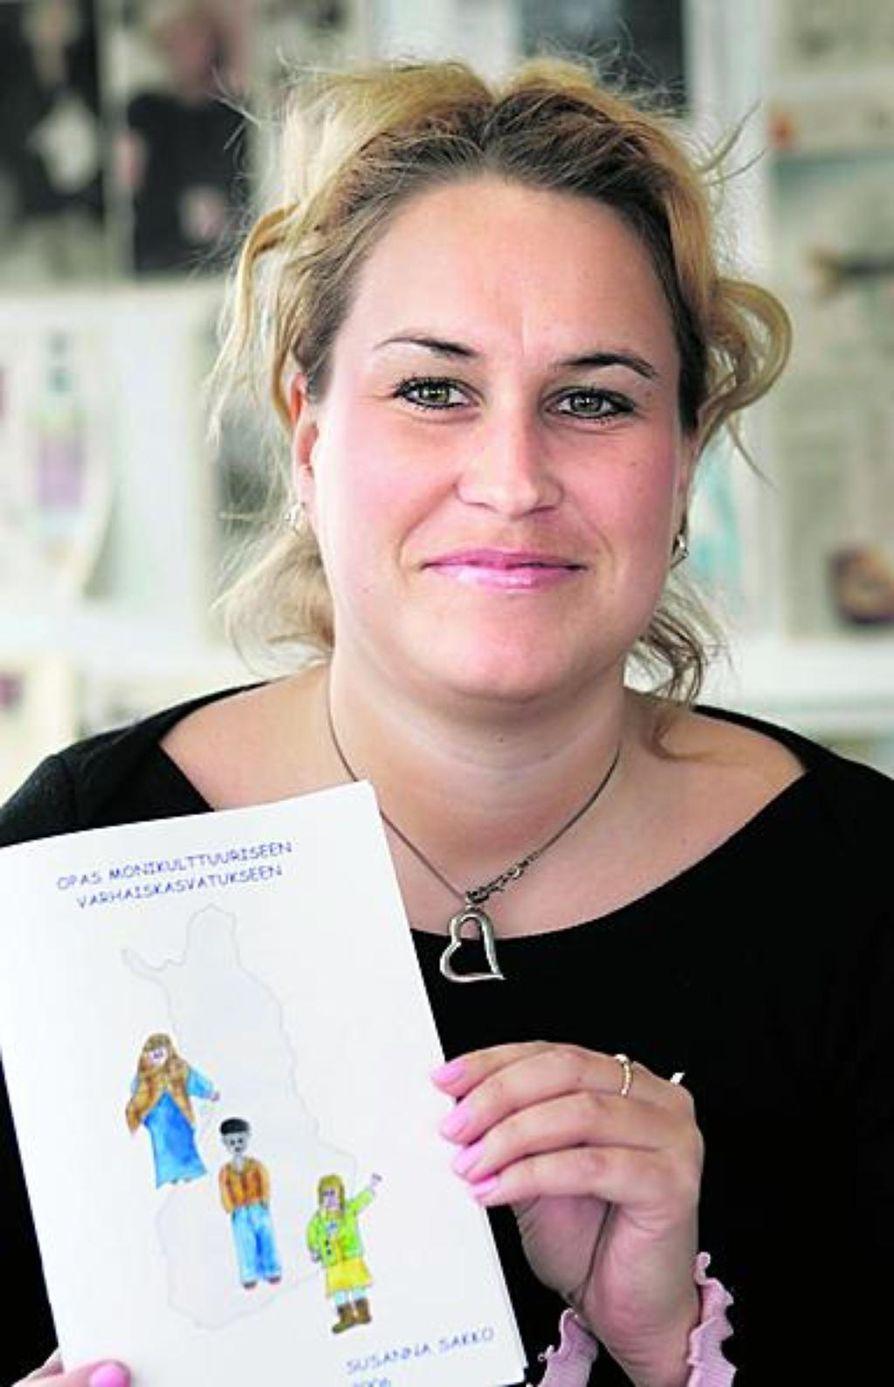 Susanna Sakko teki oppaan monikulttuuriseen kasvatukseen.